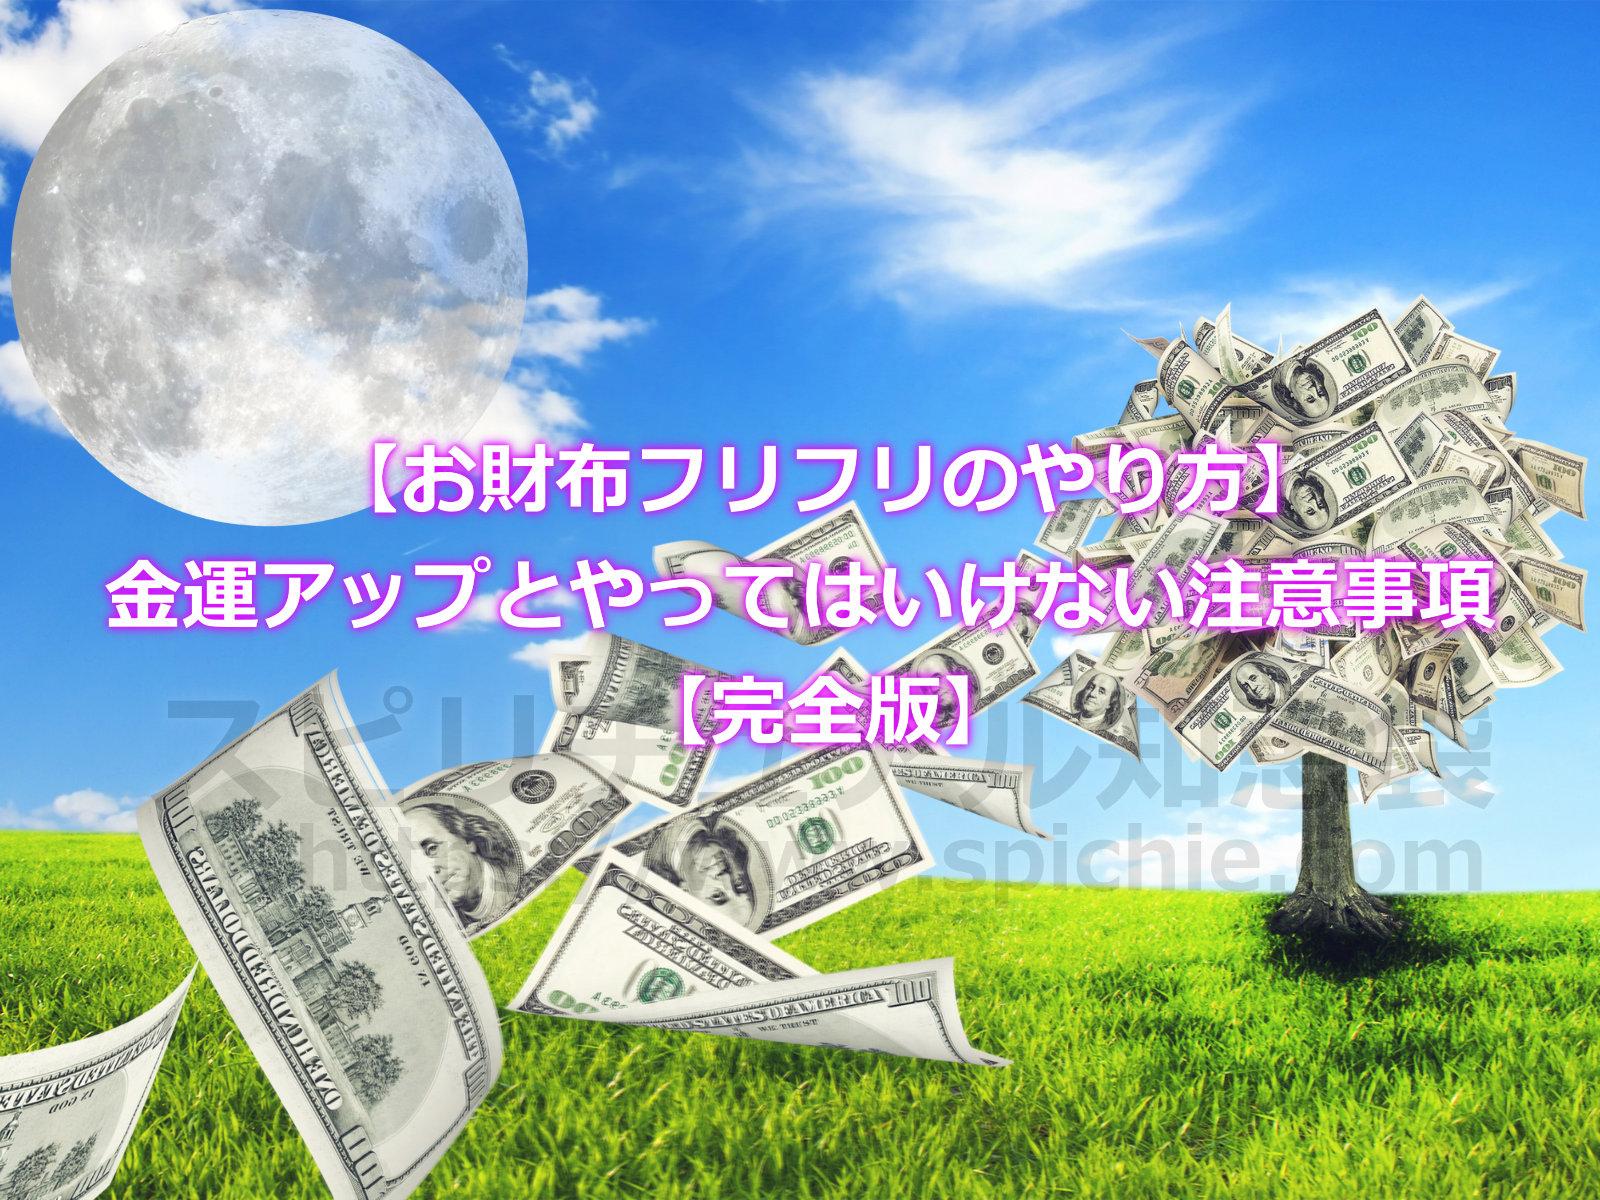 【お財布フリフリのやり方】満月の金運アップとやってはいけない注意事項【完全版】のアイキャッチ画像